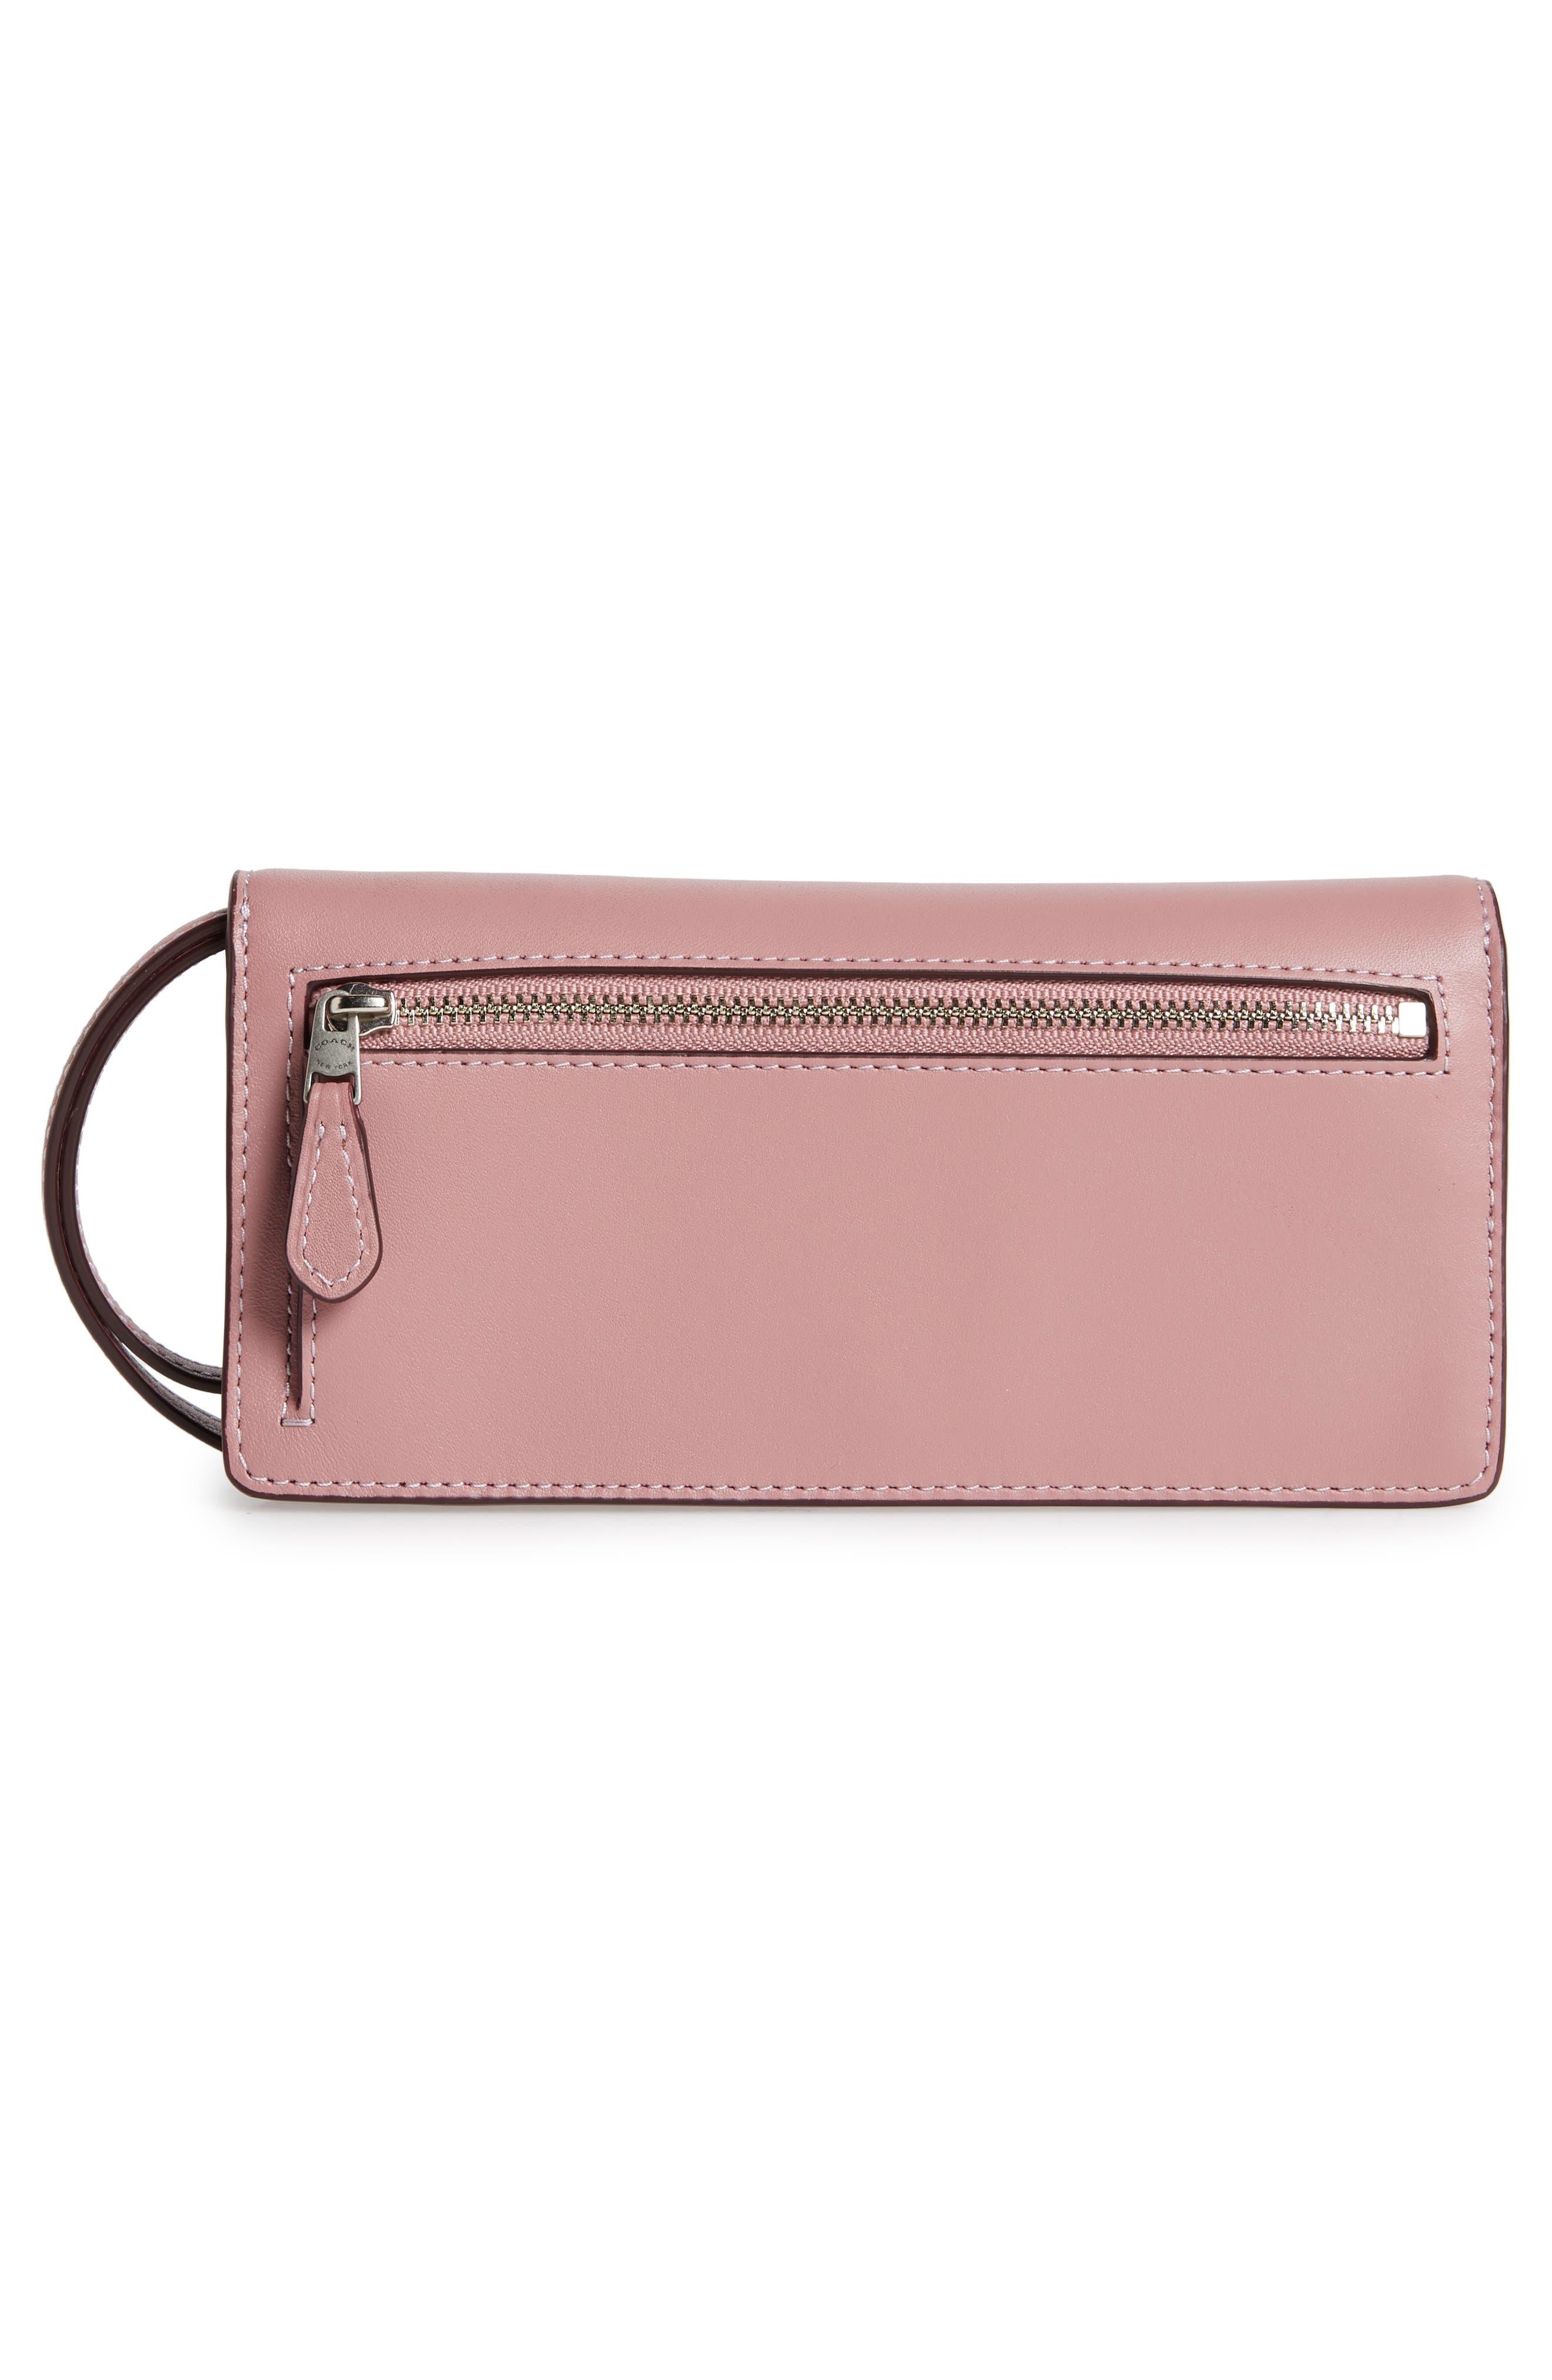 Alternate Image 3  - COACH Slim Tea Rose Calfskin Leather Wristlet